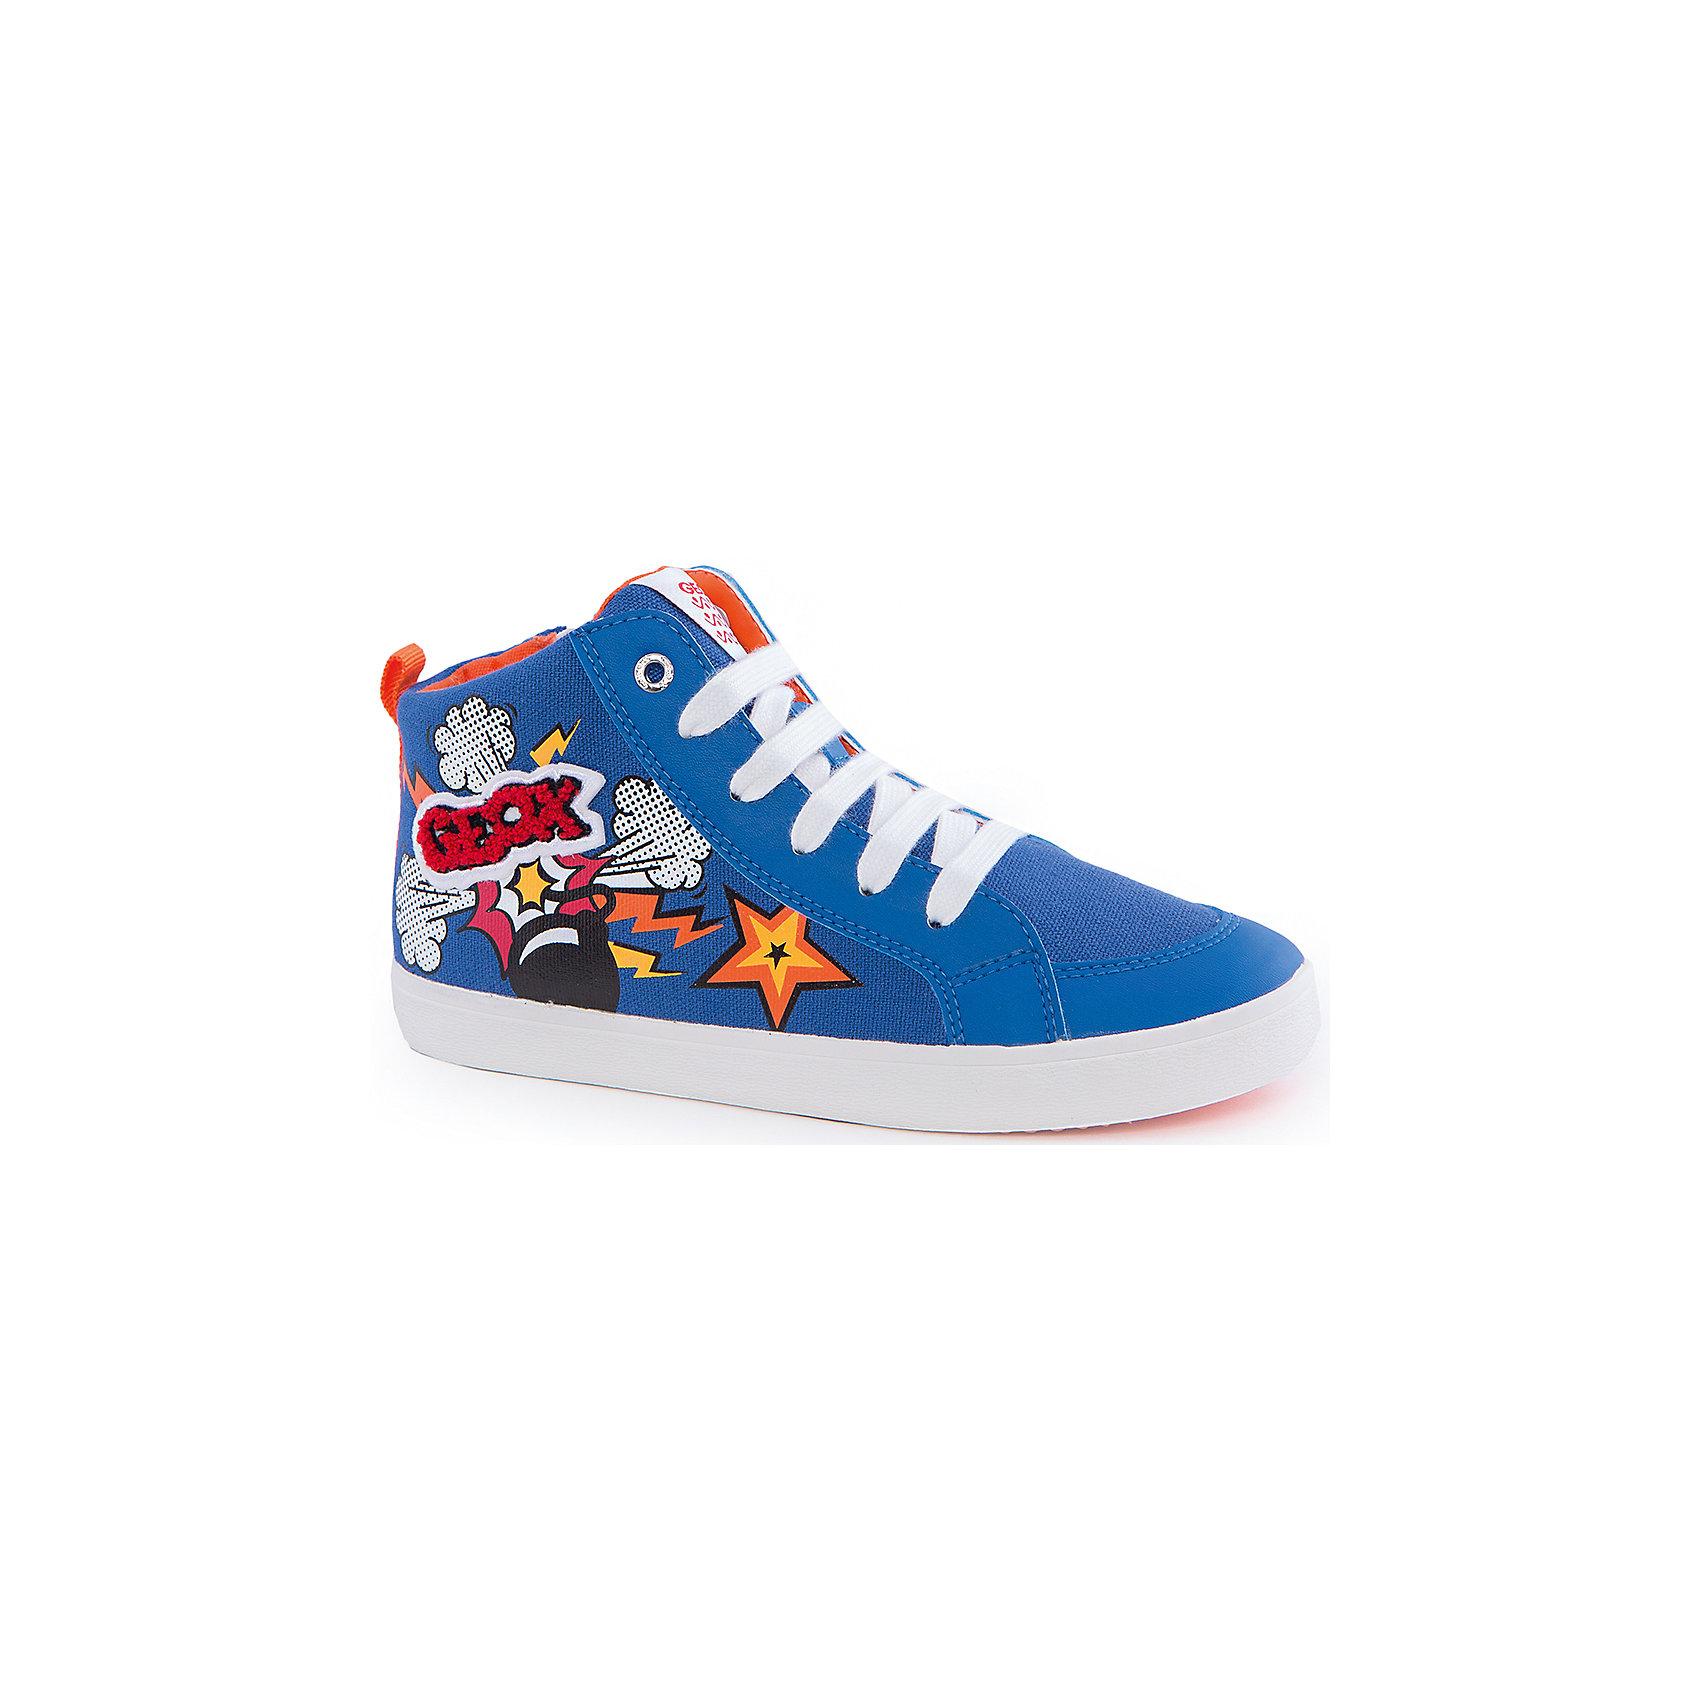 Кроссовки для мальчика GEOXКроссовки для мальчика от популярной марки GEOX (Геокс).<br><br>Легкие синие кроссовки - отличная выбор обуви для весны и лета! Модель очень стильно и оригинально смотрится.<br>Производитель обуви заботится не только о внешнем виде, но и стабильно высоком качестве продукции. GEOX (Геокс) разработал специальную дышащую подошву, которая не пропускает влагу внутрь, а также высокотехнологичную стельку.<br><br>Отличительные особенности модели:<br><br>- цвет: синий;<br>- декорированы ярким принтом и аппликацией;<br>- гибкая водоотталкивающая подошва с дышащей мембраной;<br>- мягкий и легкий верх;<br>- защита пальцев ;<br>- стильный дизайн;<br>- удобная шнуровка, молния;<br>- комфортное облегание;<br>- верх обуви и подкладка сделаны без использования хрома.<br><br>Дополнительная информация:<br><br>- Температурный режим: от +10° С до 25° С.<br><br>- Состав:<br><br>материал верха: текстиль, синтетический материал<br>материал подкладки: текстиль<br>подошва: 100% резина<br><br>Кроссовки для мальчика GEOX (Геокс) (Геокс) можно купить в нашем магазине.<br><br>Ширина мм: 250<br>Глубина мм: 150<br>Высота мм: 150<br>Вес г: 250<br>Цвет: синий<br>Возраст от месяцев: 84<br>Возраст до месяцев: 96<br>Пол: Мужской<br>Возраст: Детский<br>Размер: 29,28,30,31,33,34,35,36,39,38,37,32<br>SKU: 4519289